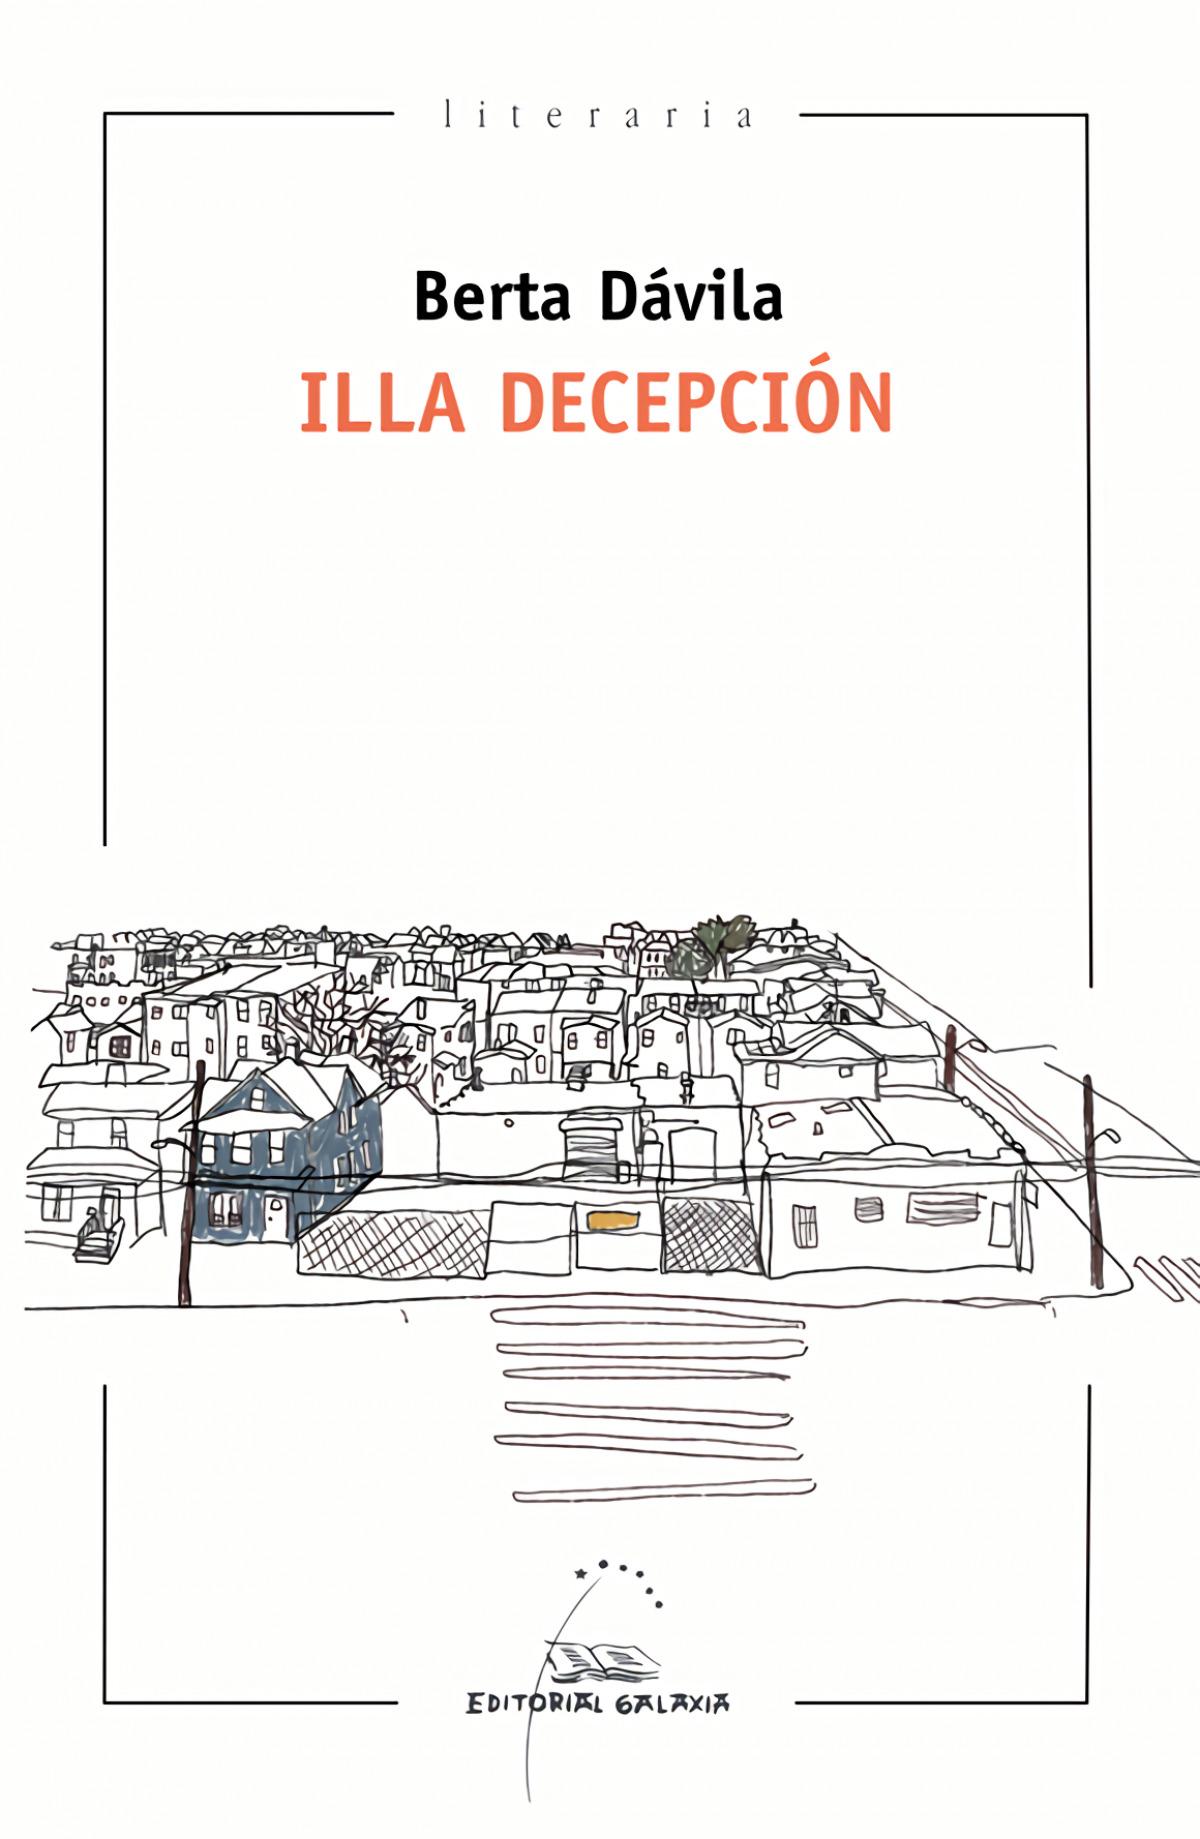 Illa decepción